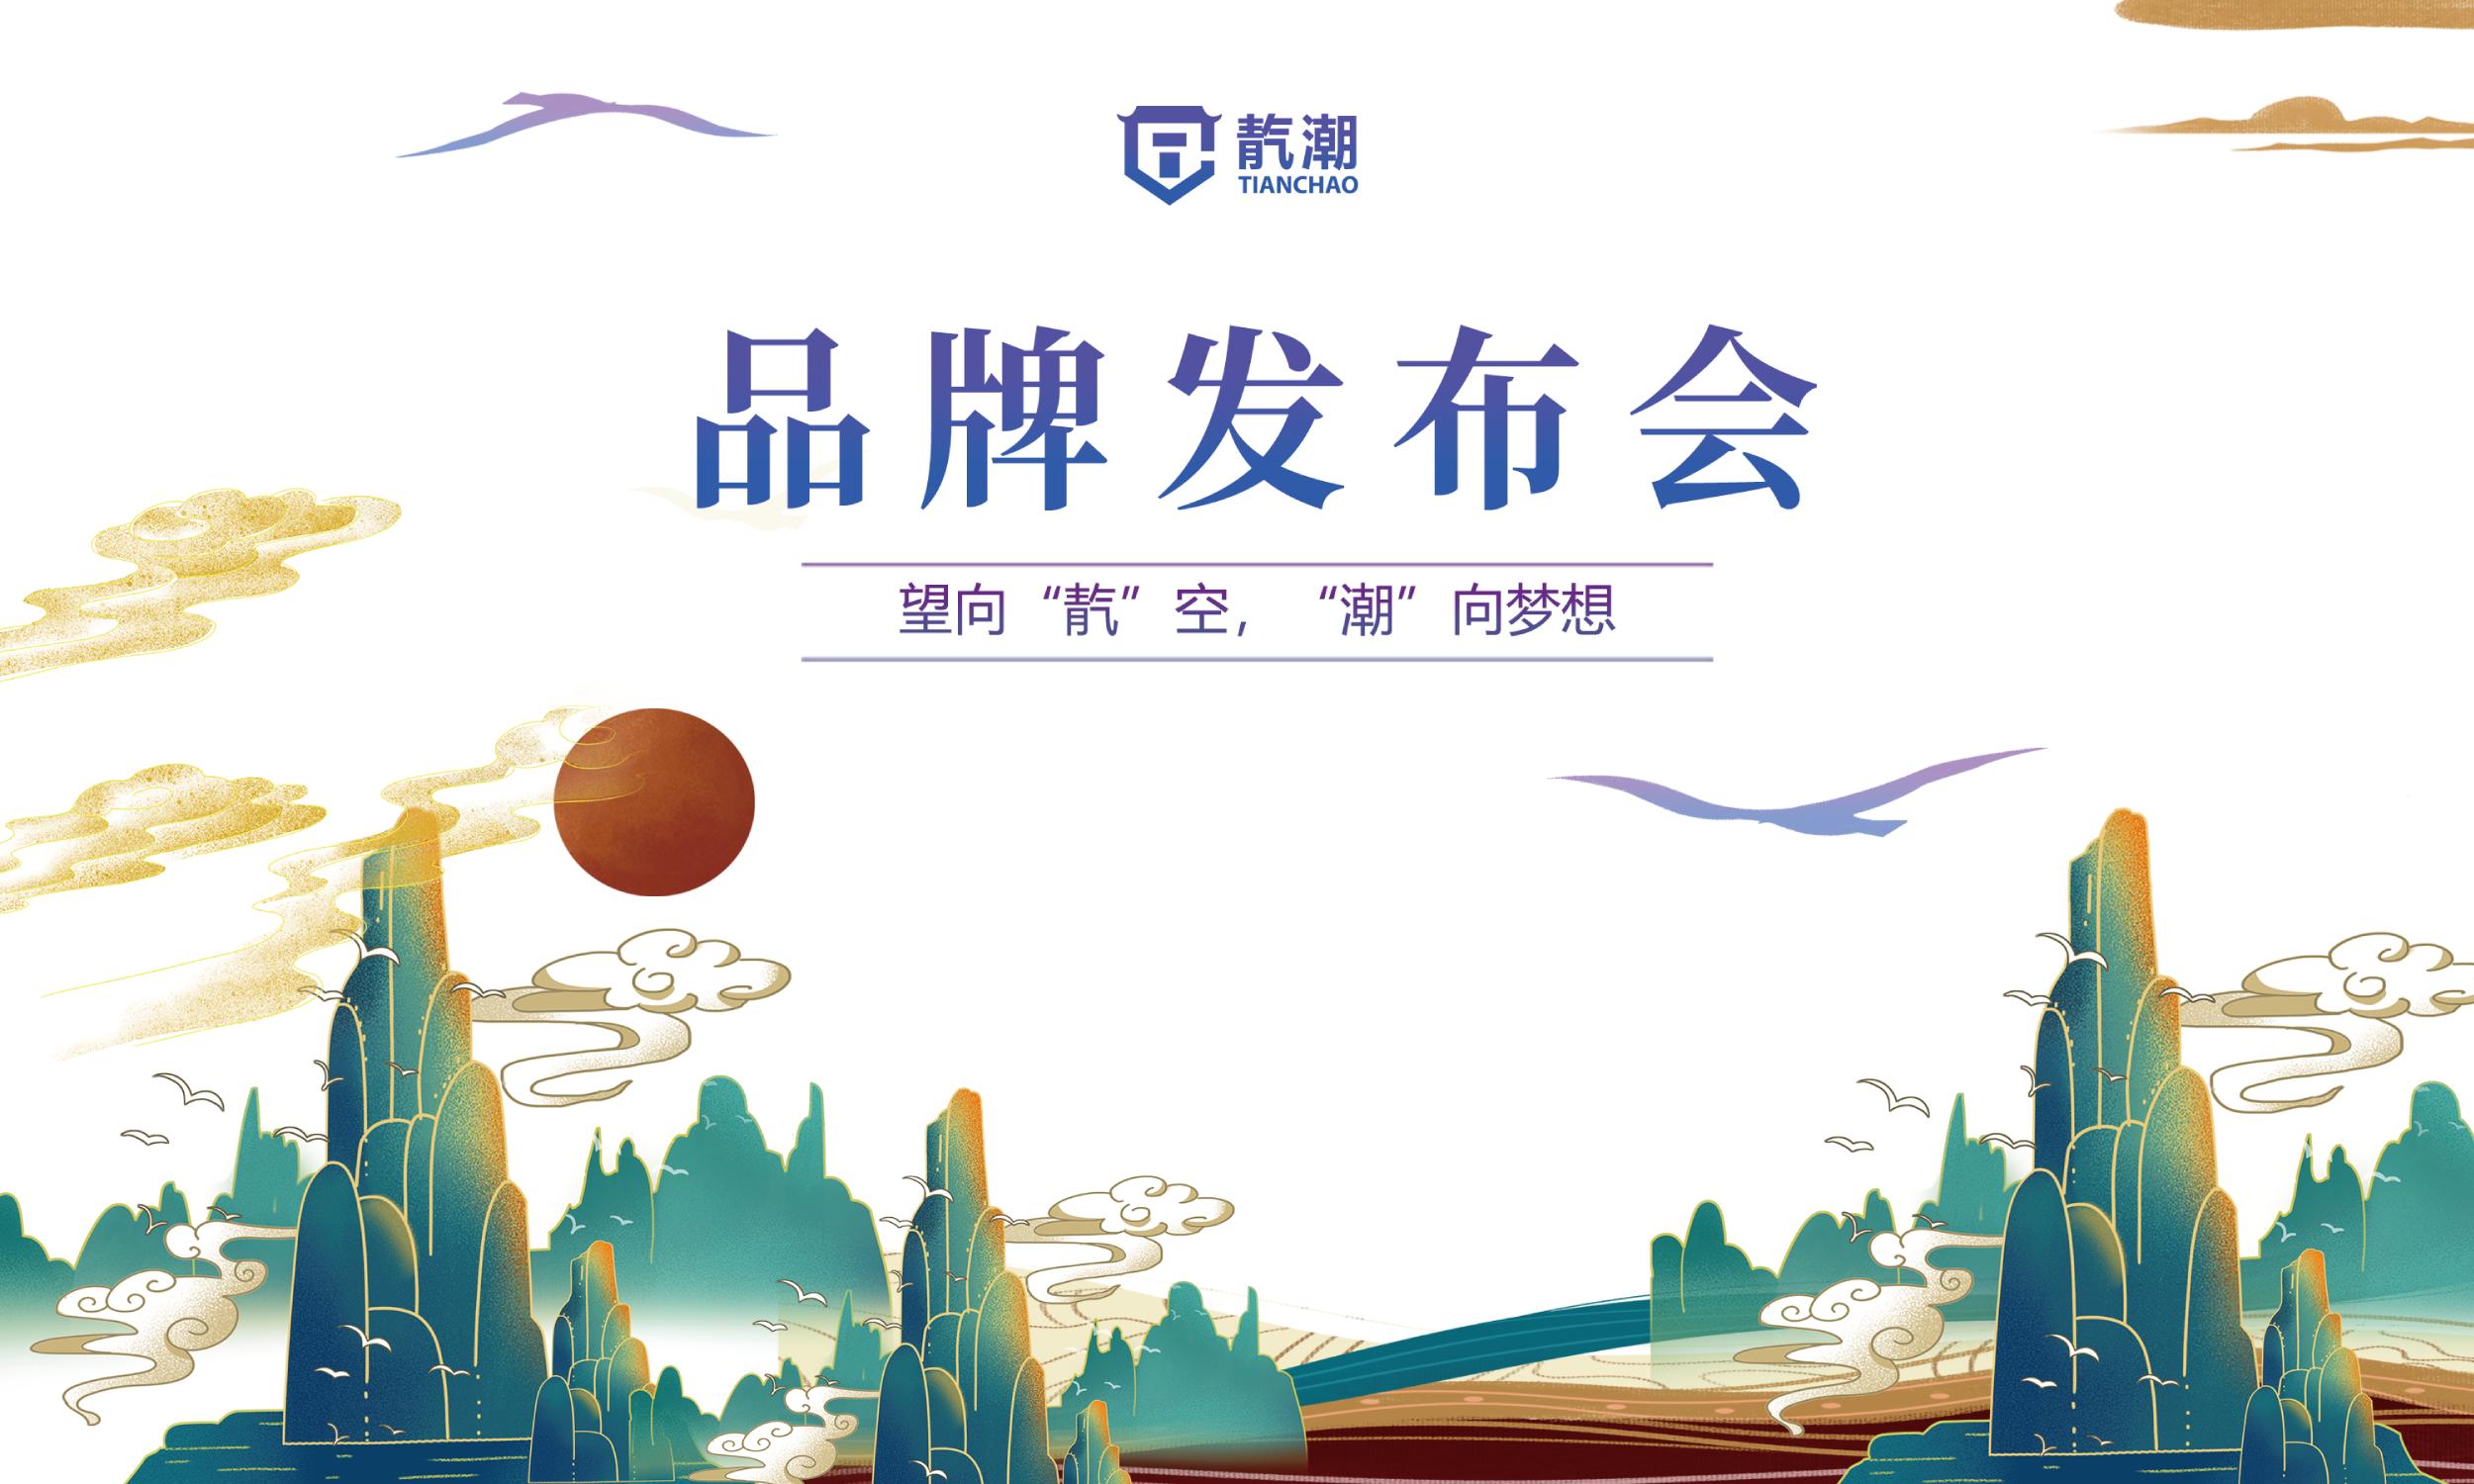 靔潮(中国)品牌亮相古城西安